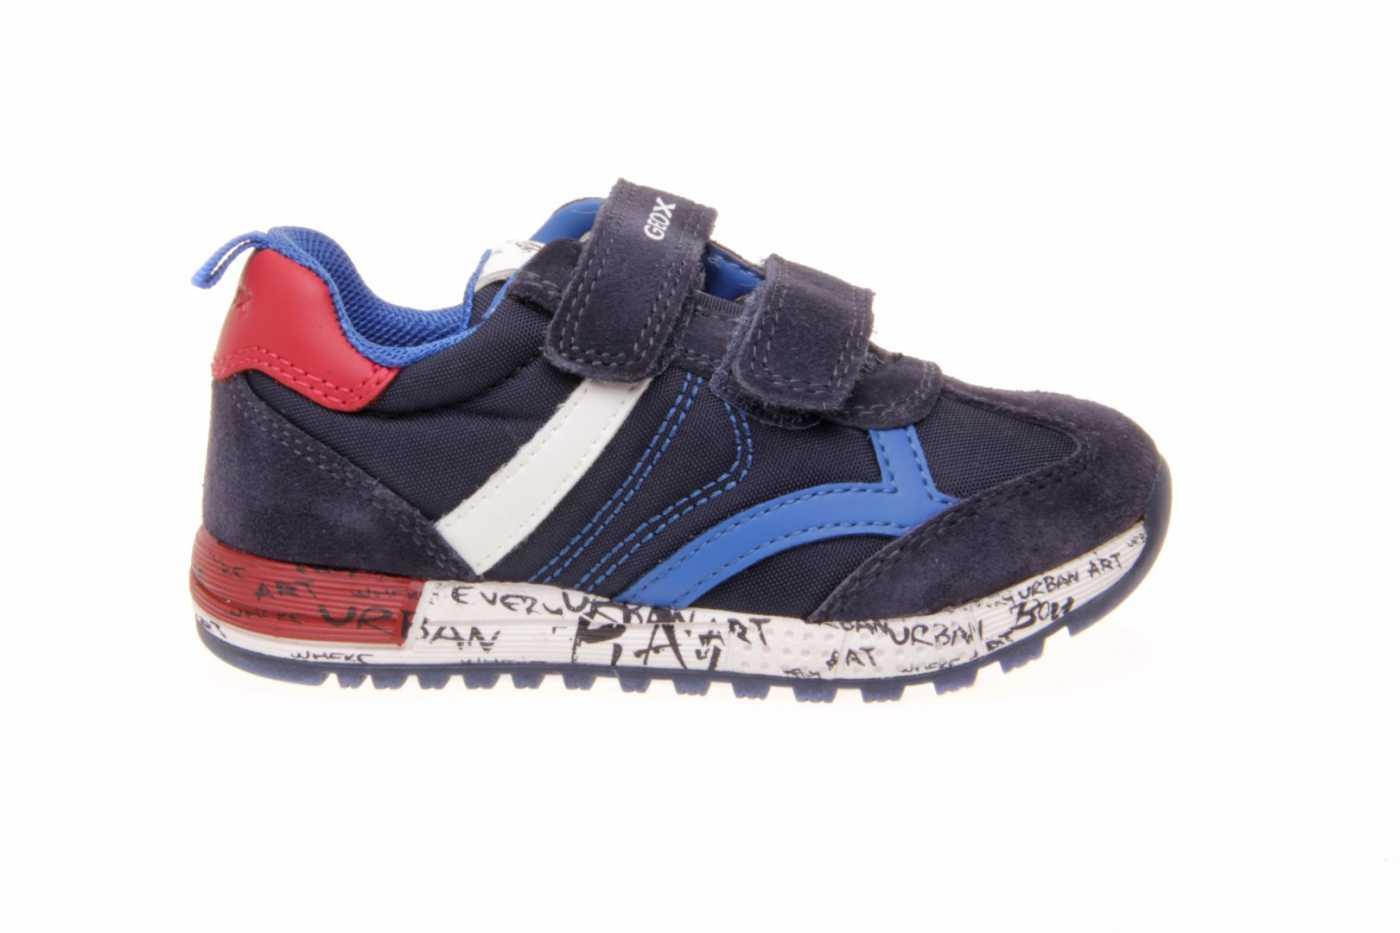 Zapatillas deportivas de bebe niño Geox azul con doble